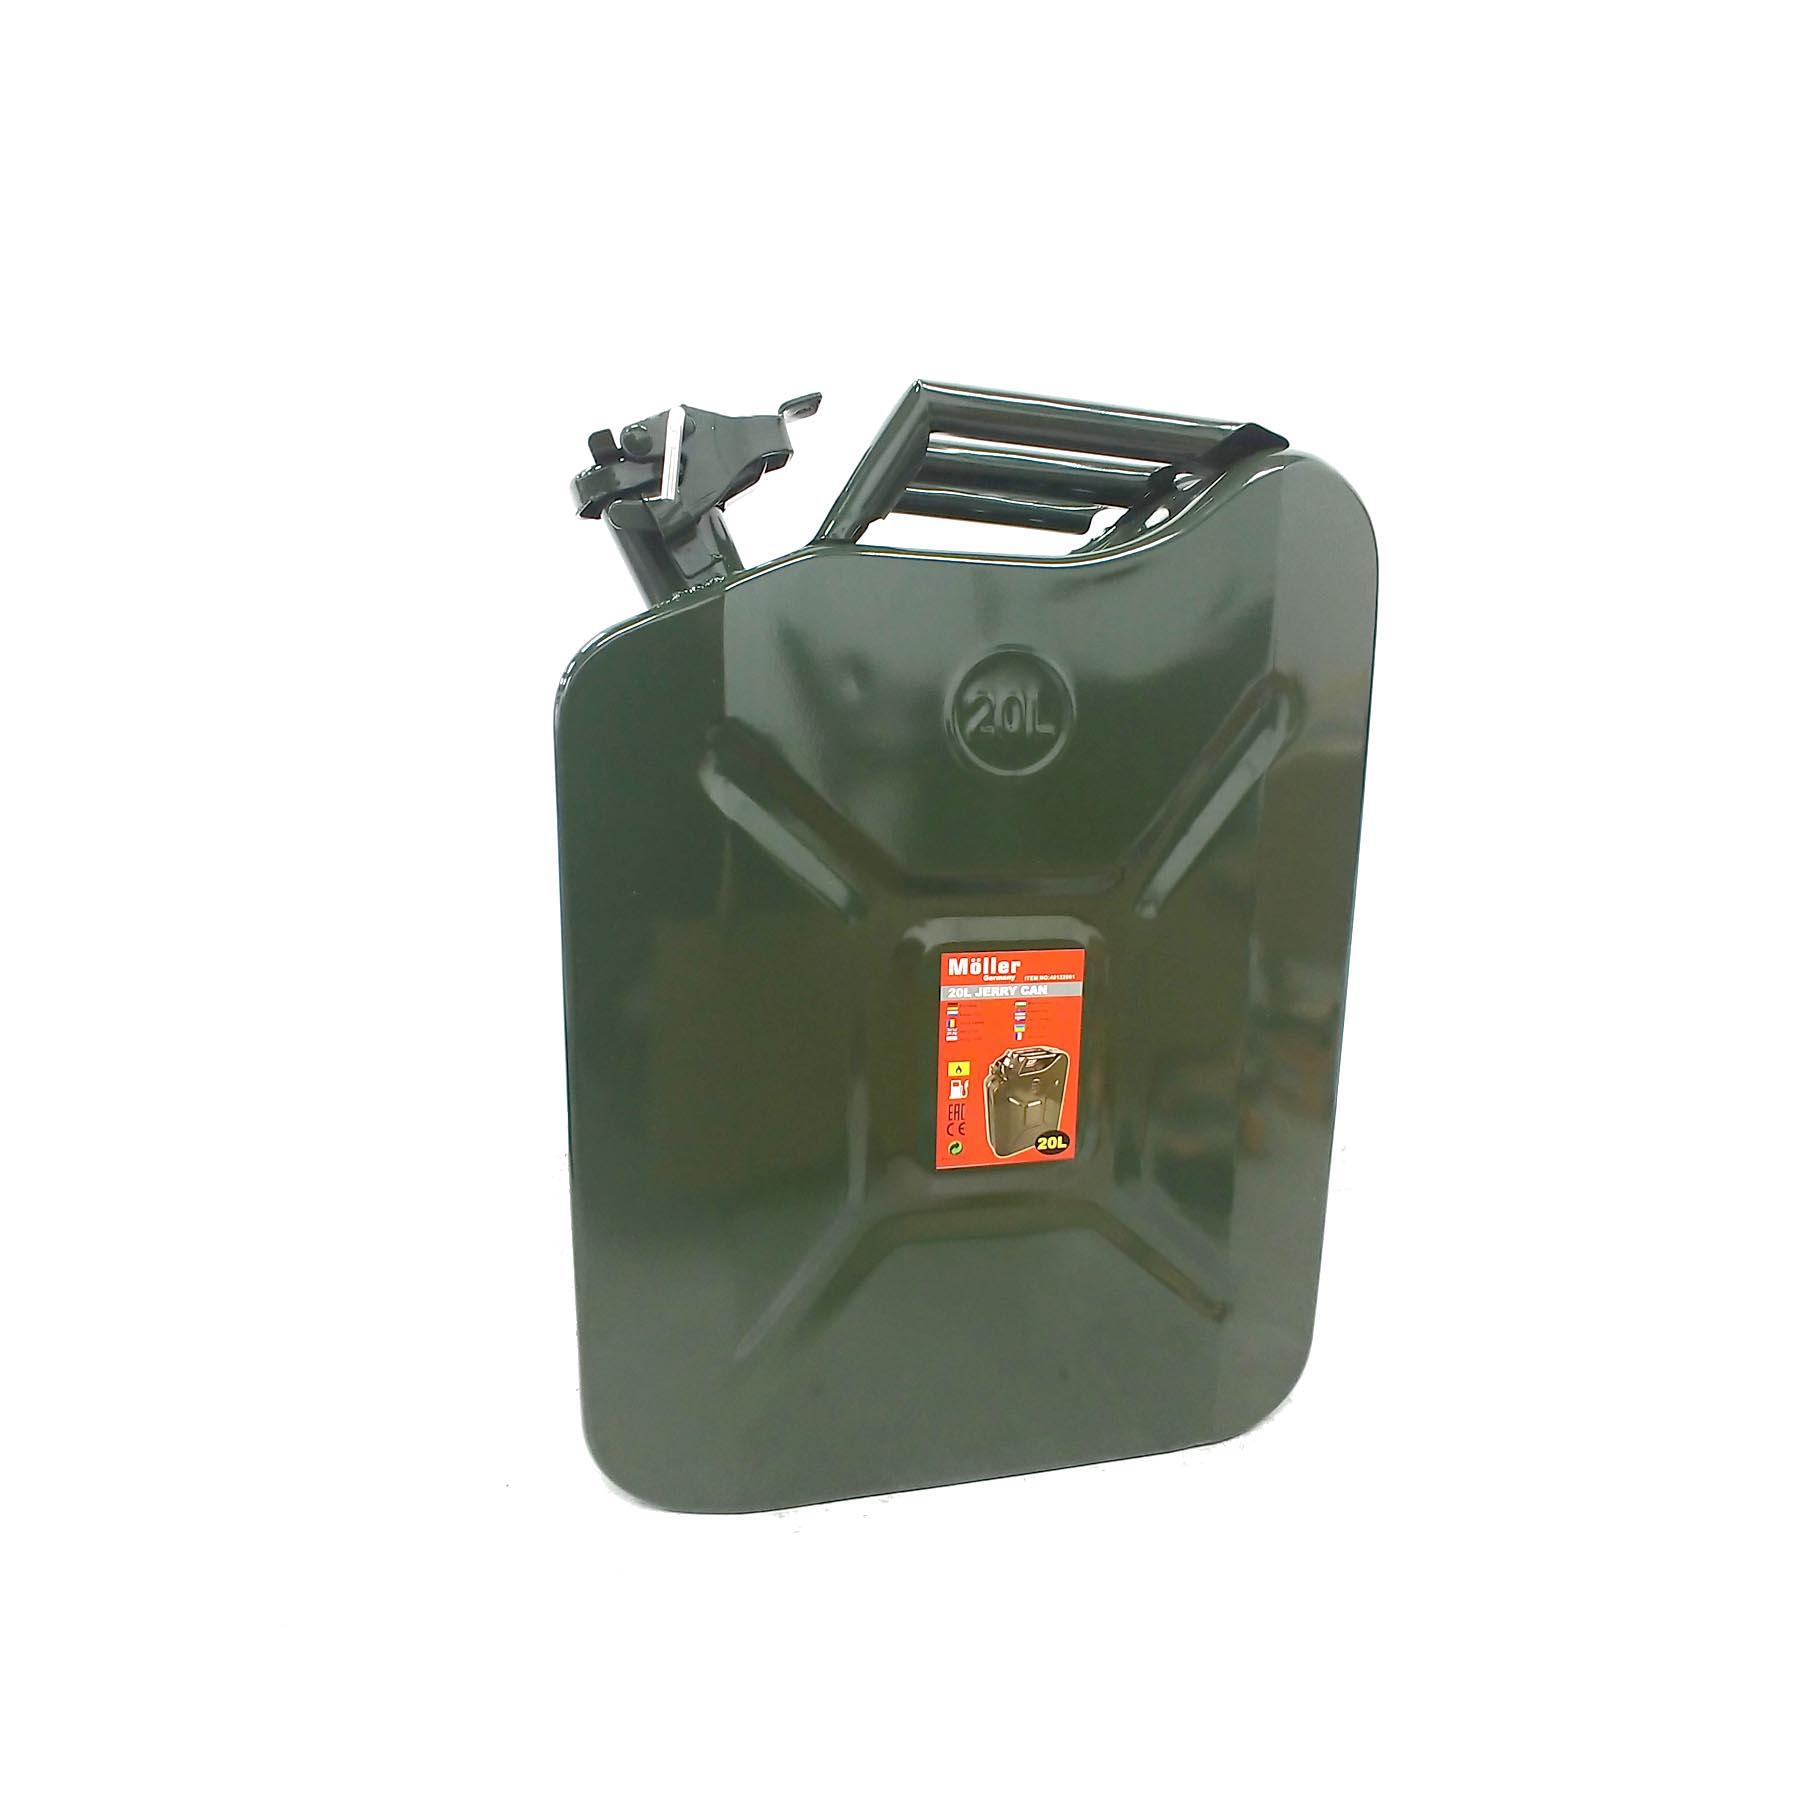 ג'ריקן - מיכל מילוי - 20 ליטר  מבית מולר ג'רמני